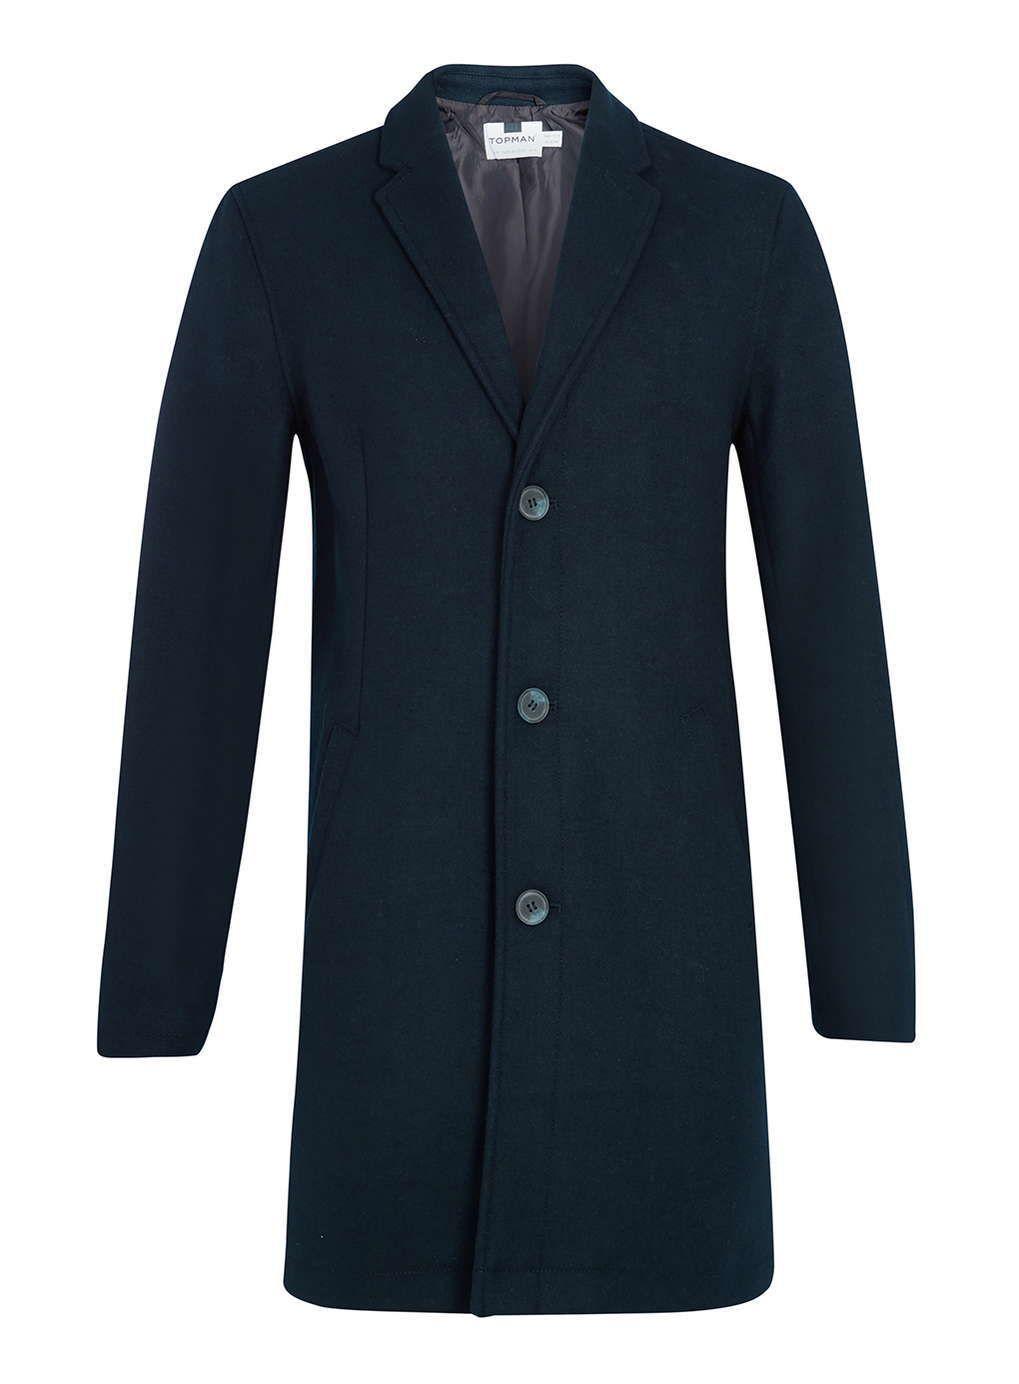 Navy blue overcoat